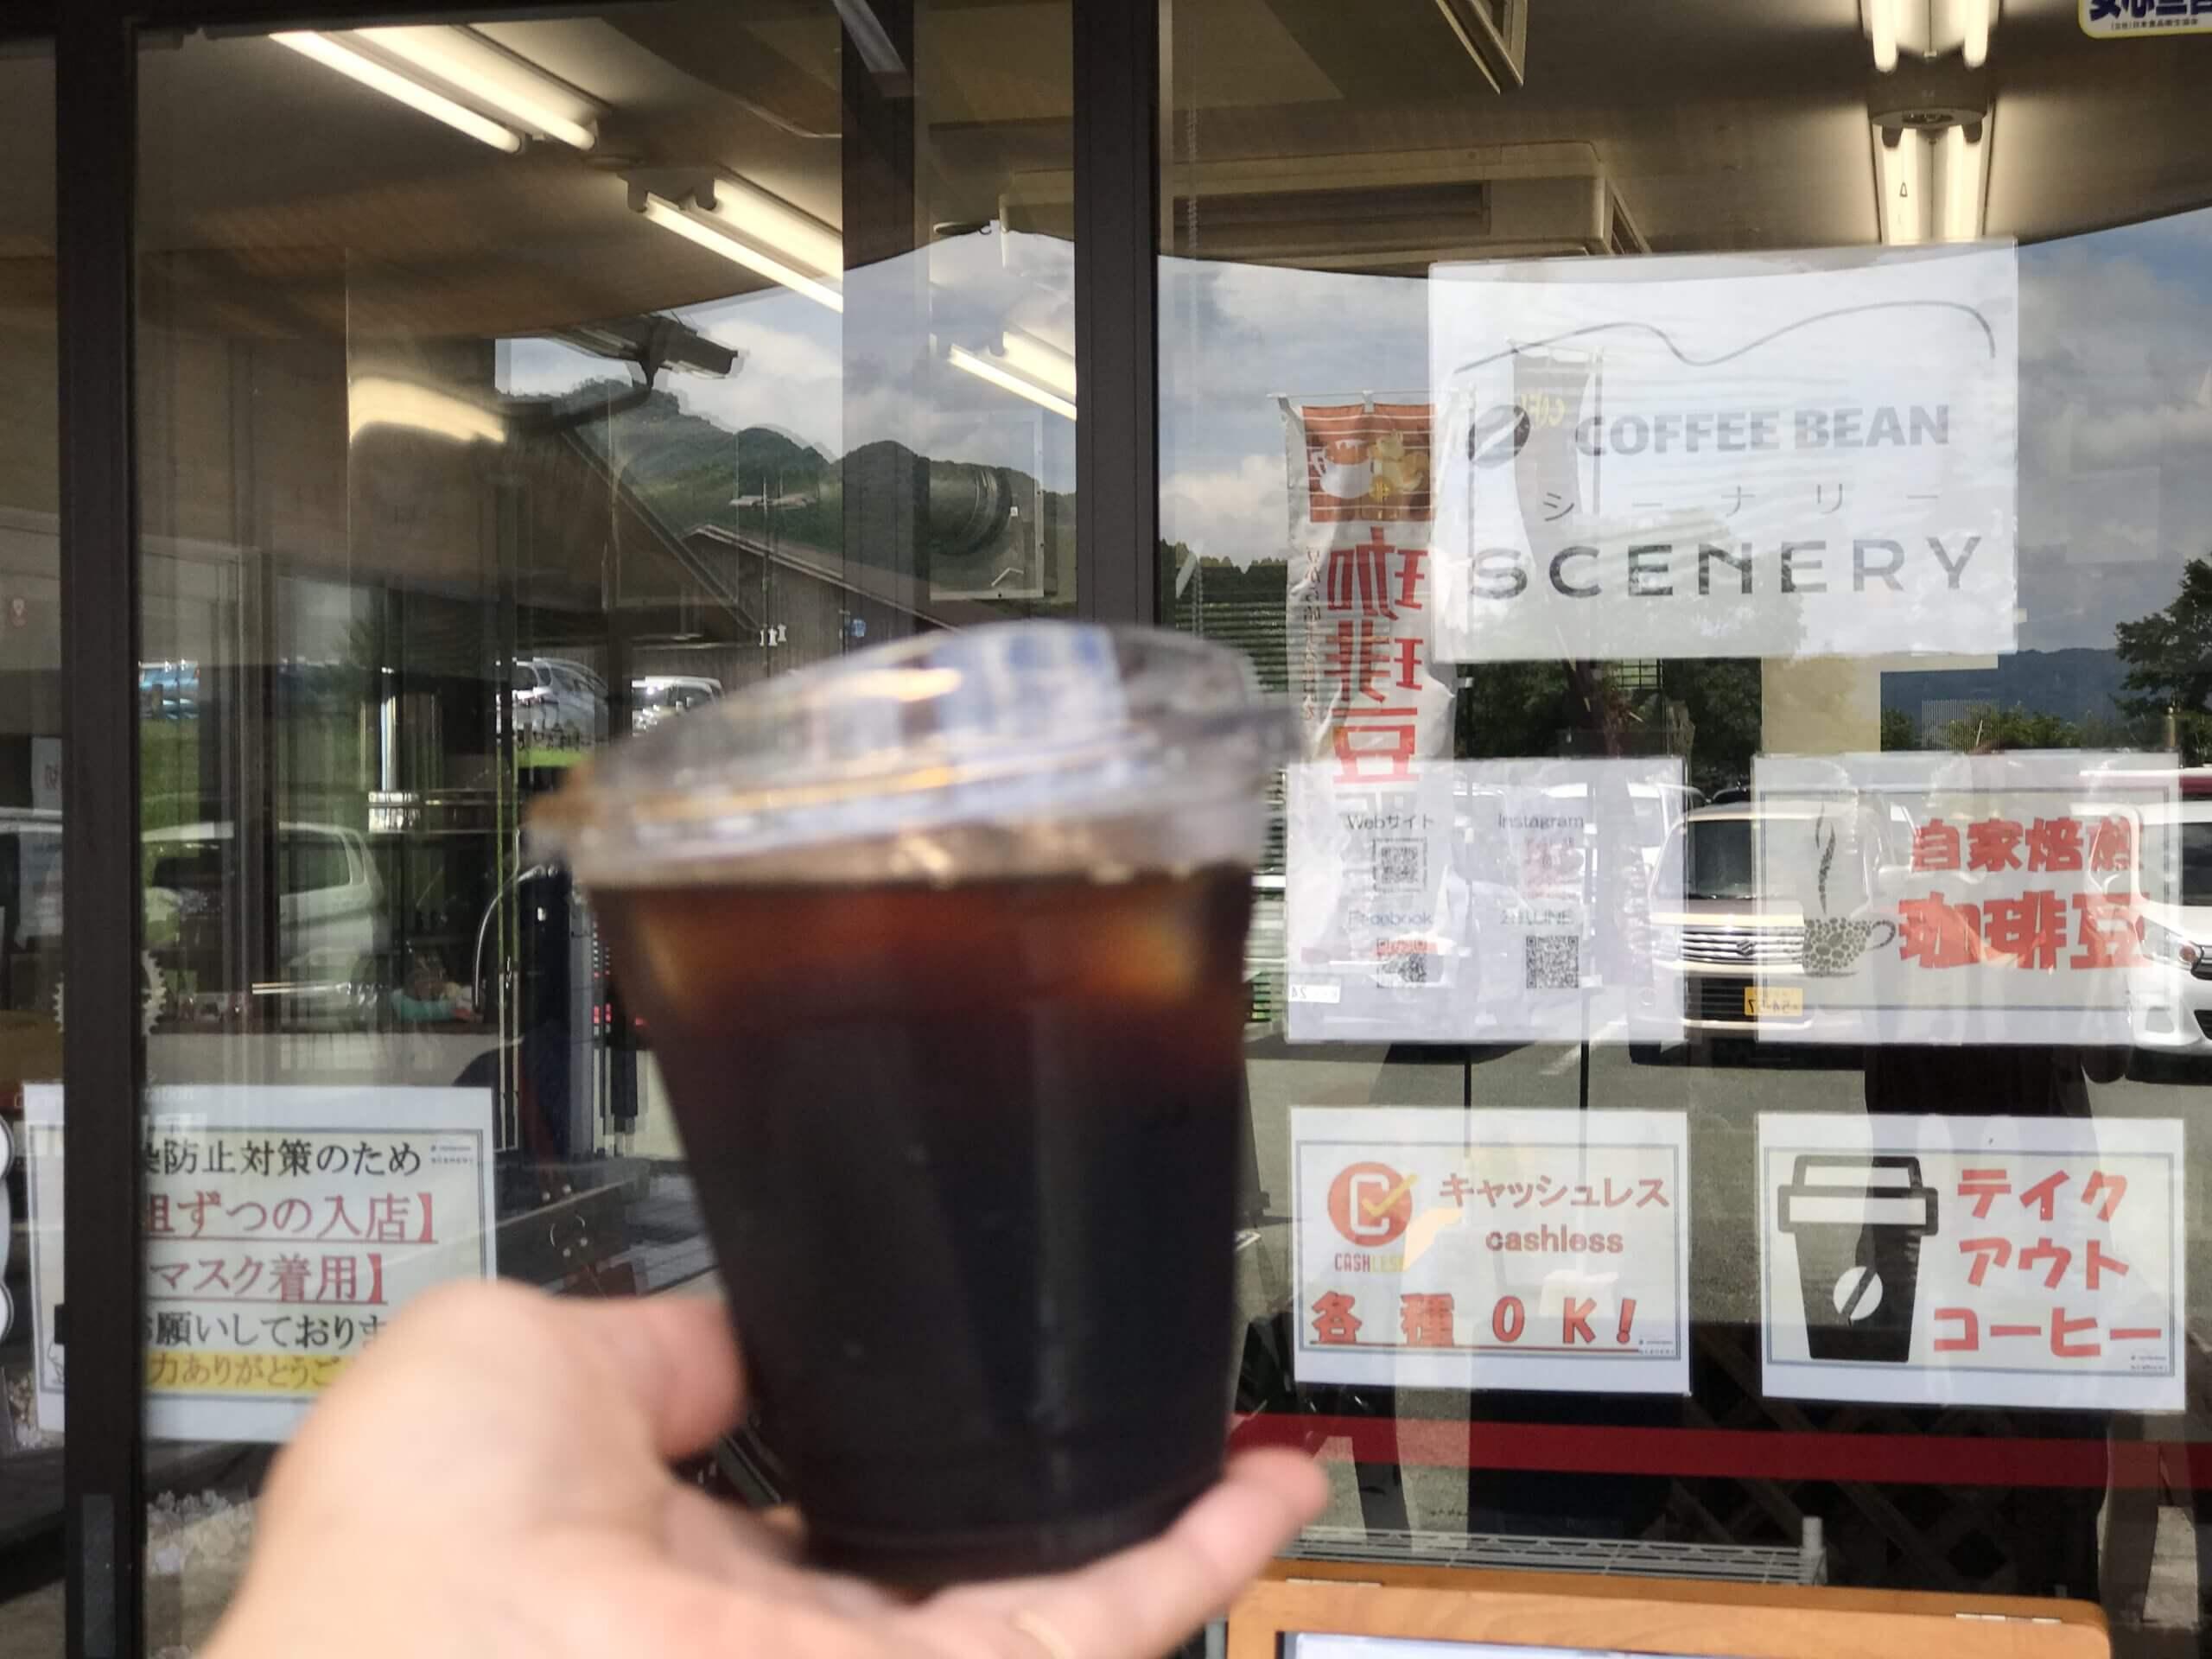 【SCENERY(シーナリー)- 熊本県阿蘇郡南阿蘇村- 】南阿蘇の自然をバックに飲む自家焙煎珈琲が美味しいお店